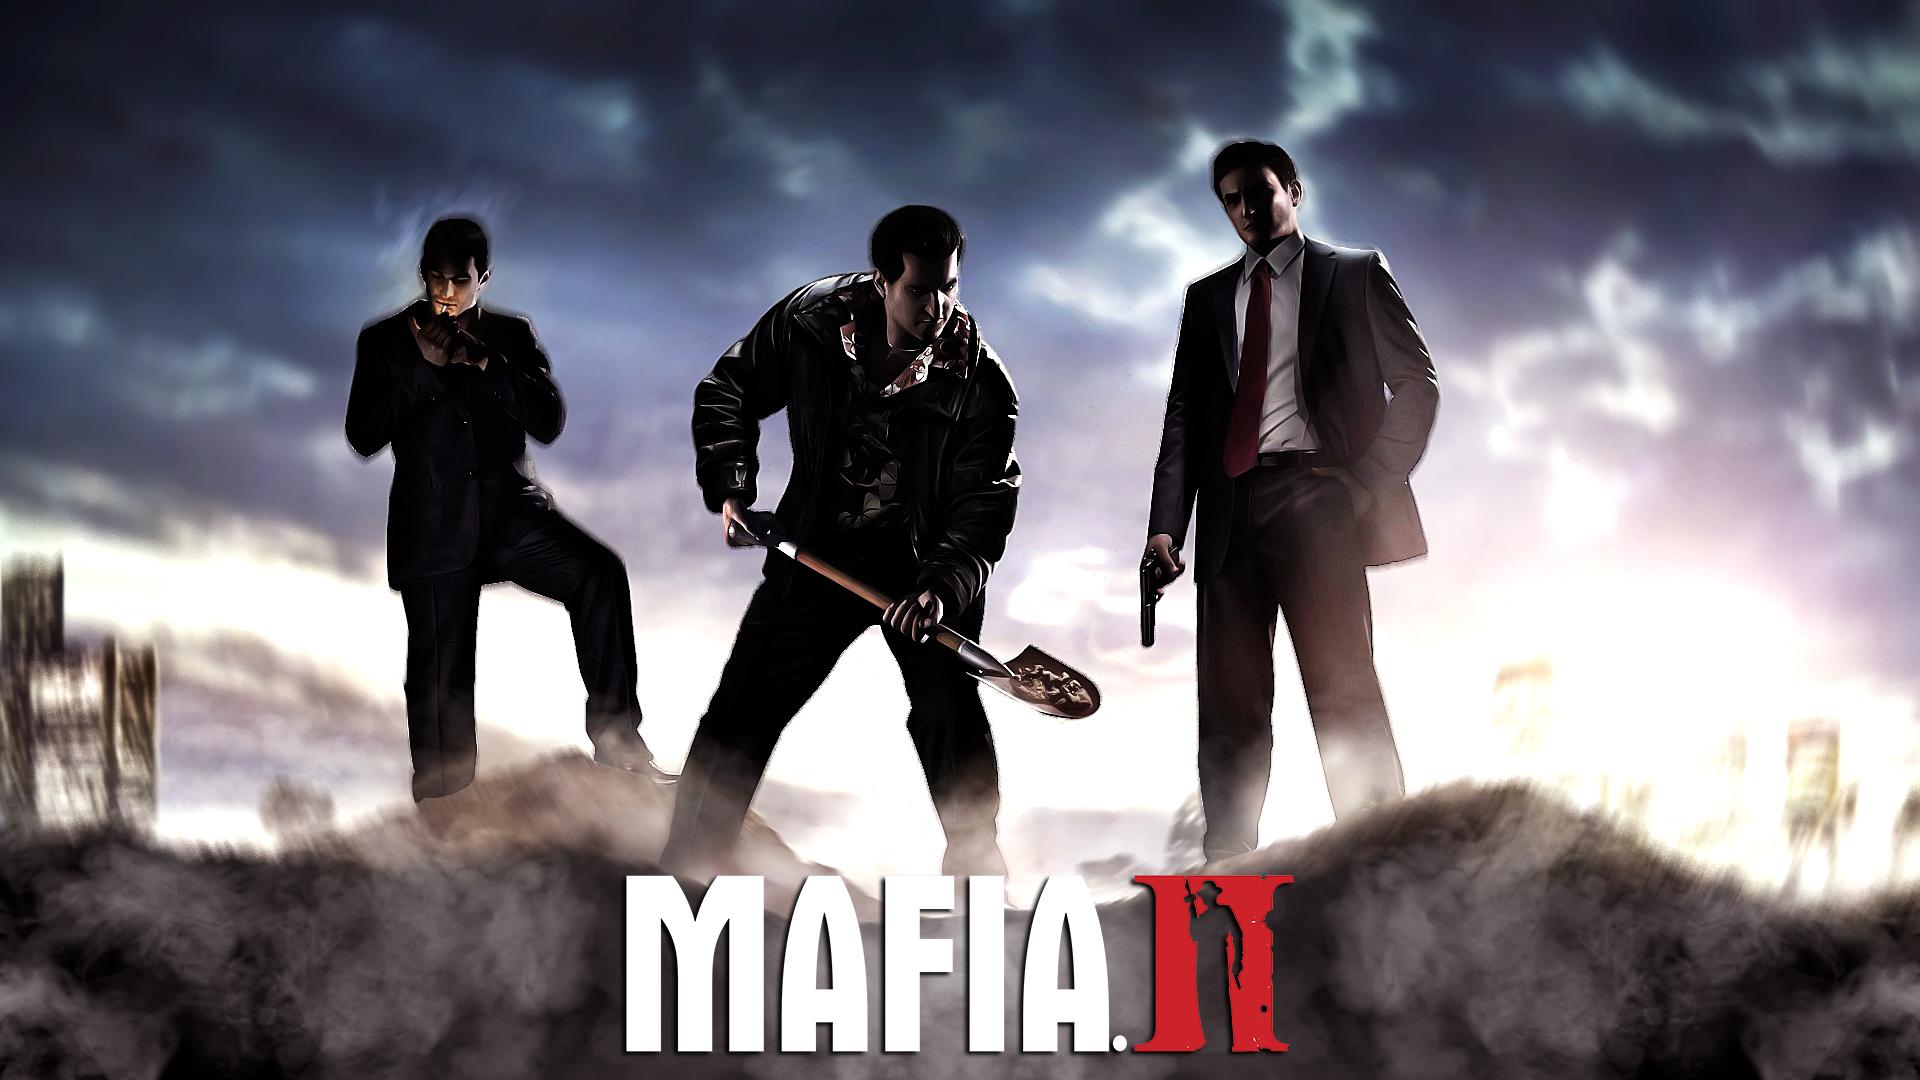 mafia_2_wallpaper_by_voice666_by_wwephvoice666-d8cztbr.jpg